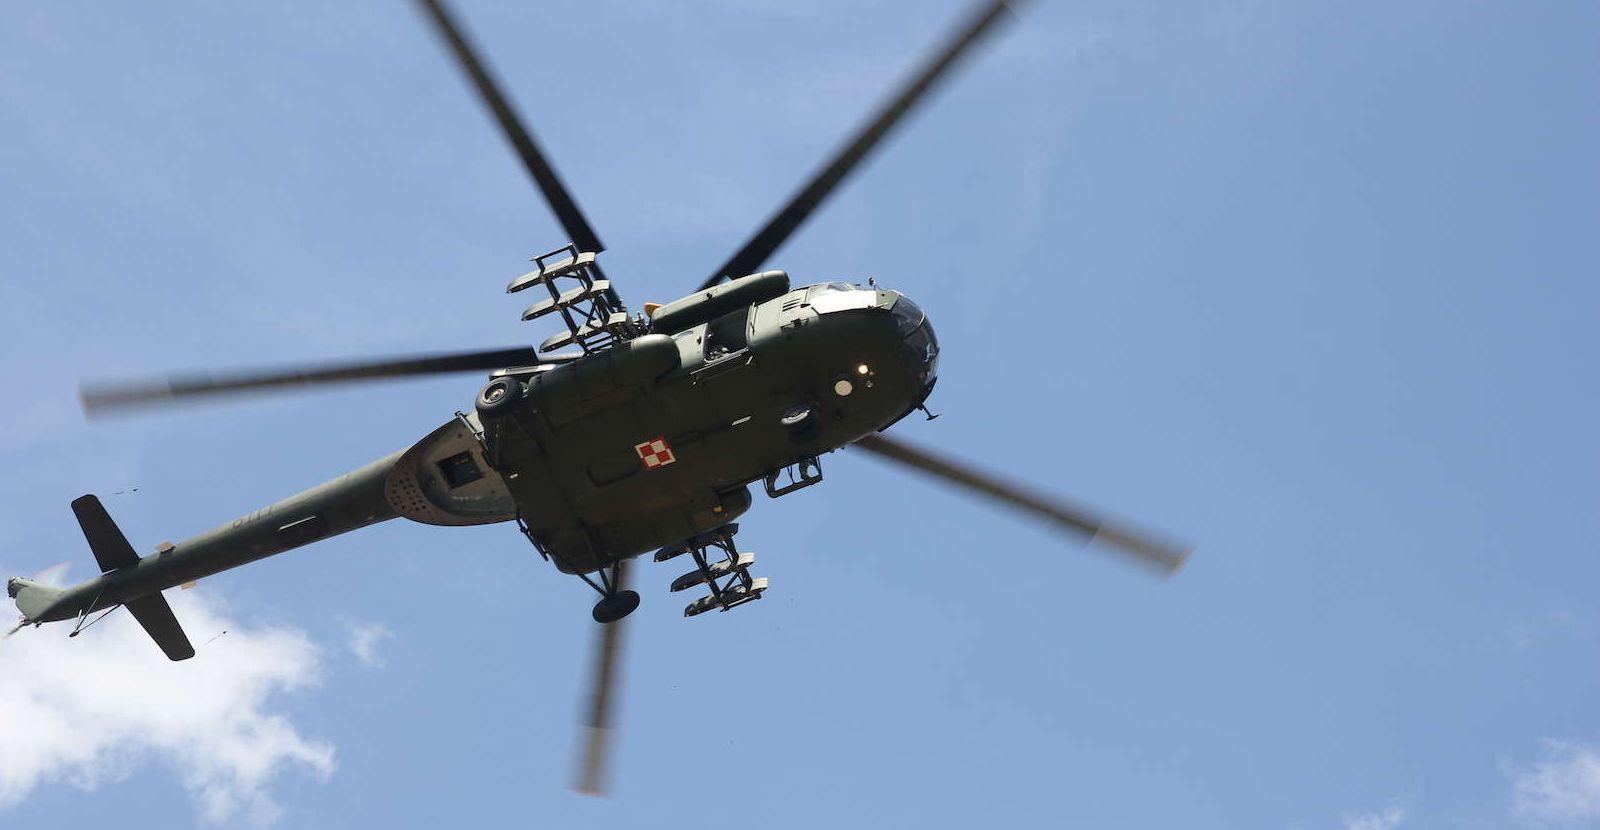 Już dziś rozpoczynają się Targi Pro Defense 2017. Najnowszy sprzęt wojskowy i pokazy specjalistyczne